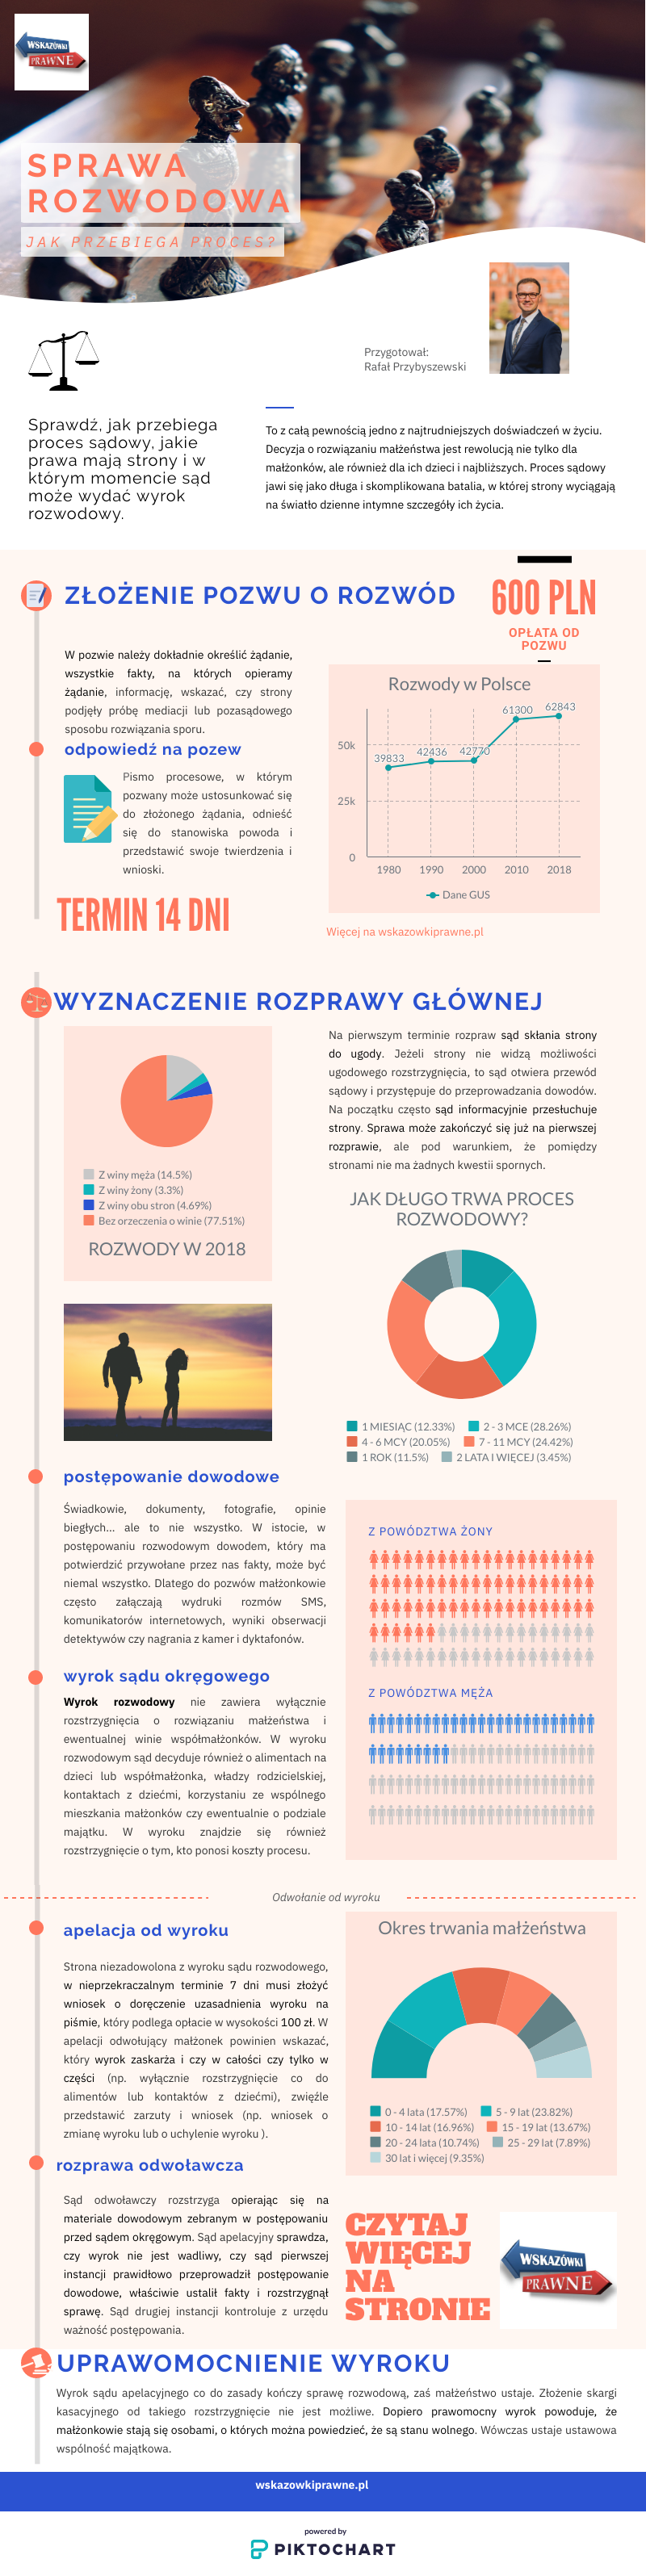 Grafiki i wykresy z najciekawszymi danymi spraw rozwodowych. Sprawdź: - jak długo trwają procesy? - żona czy mąż - kto częściej wnosi pozew, kto jest winien? - po ilu latach małżonkowie decydują się na rozwód? - ile rozwodów w Polsce - czy spraw rozwodowych przybywa?